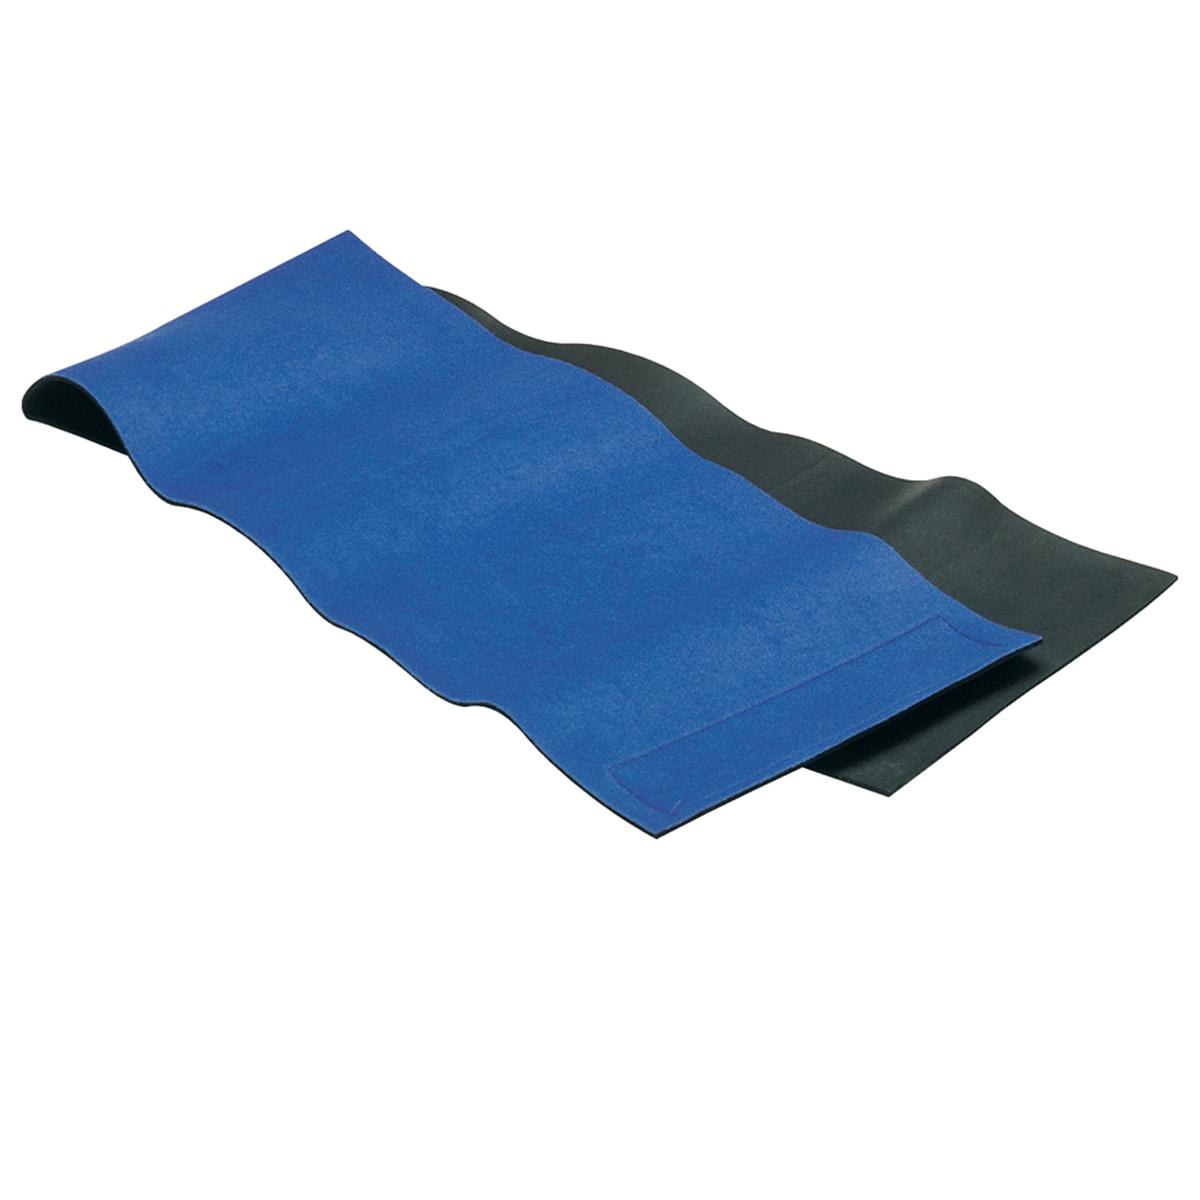 ActionLine KY-69006 Adjustable Waist Trimmer Slimming Bel...